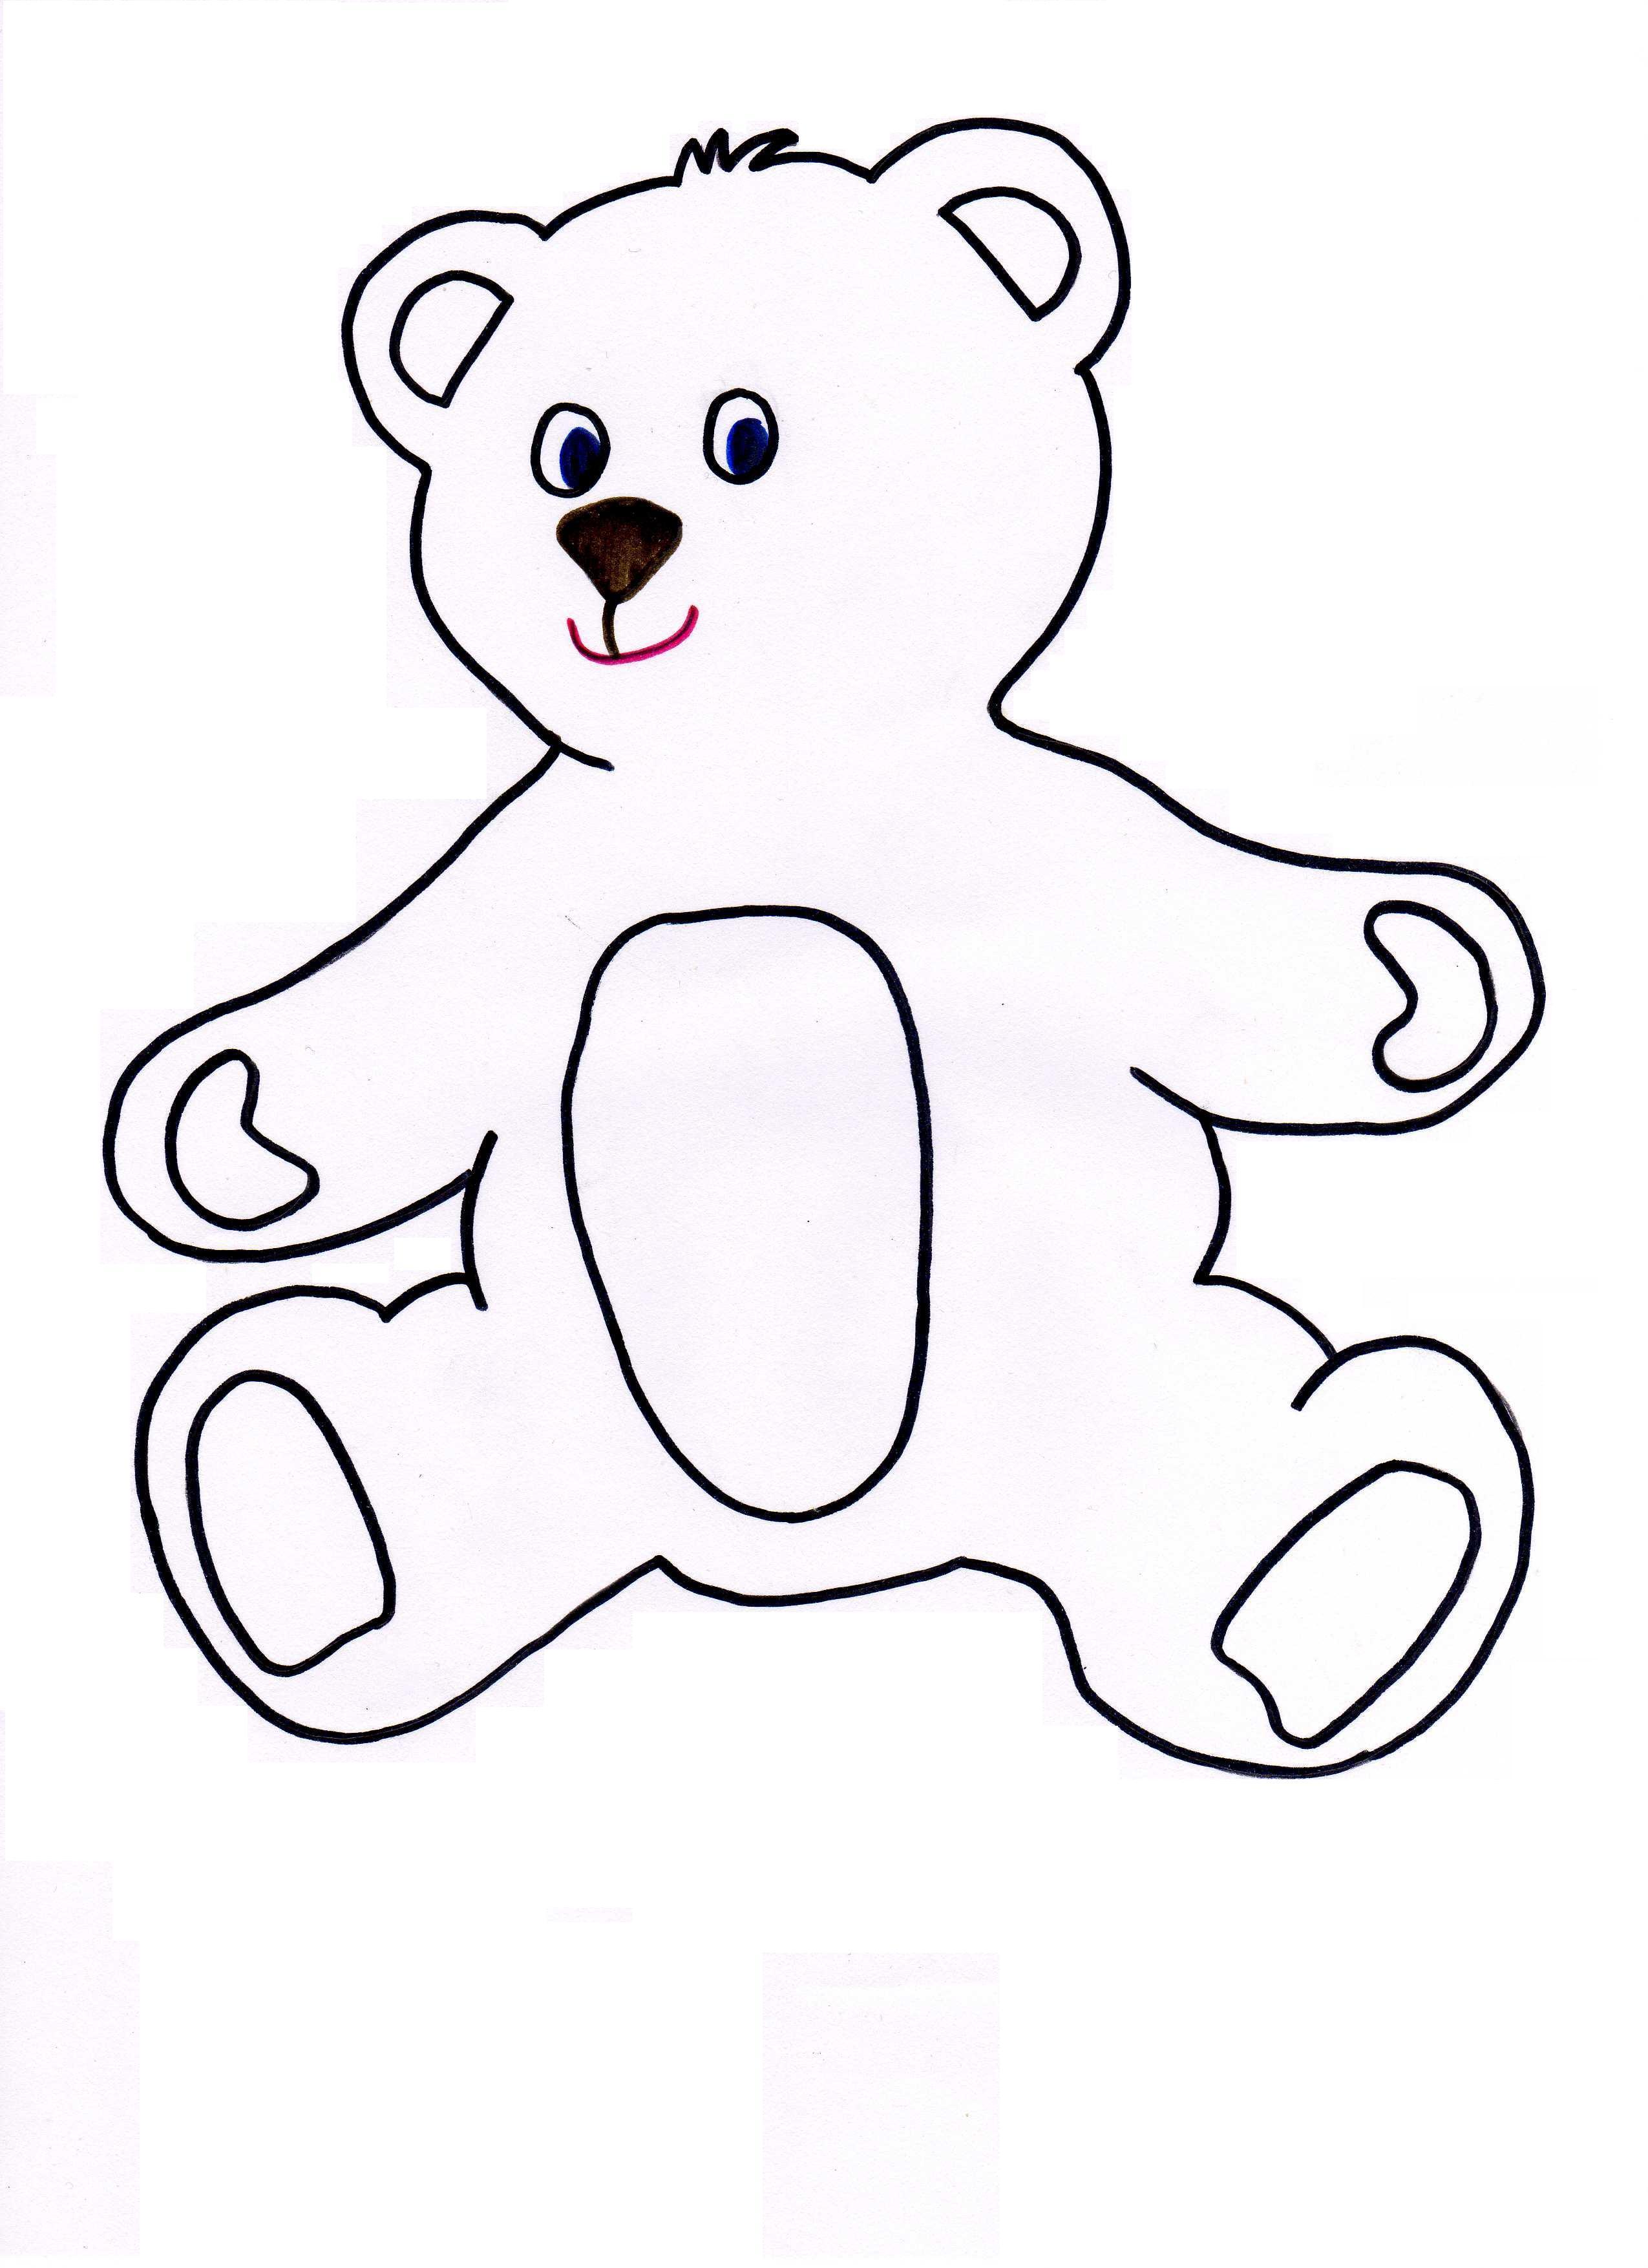 Teddy Bear Head Outline - Cliparts.co